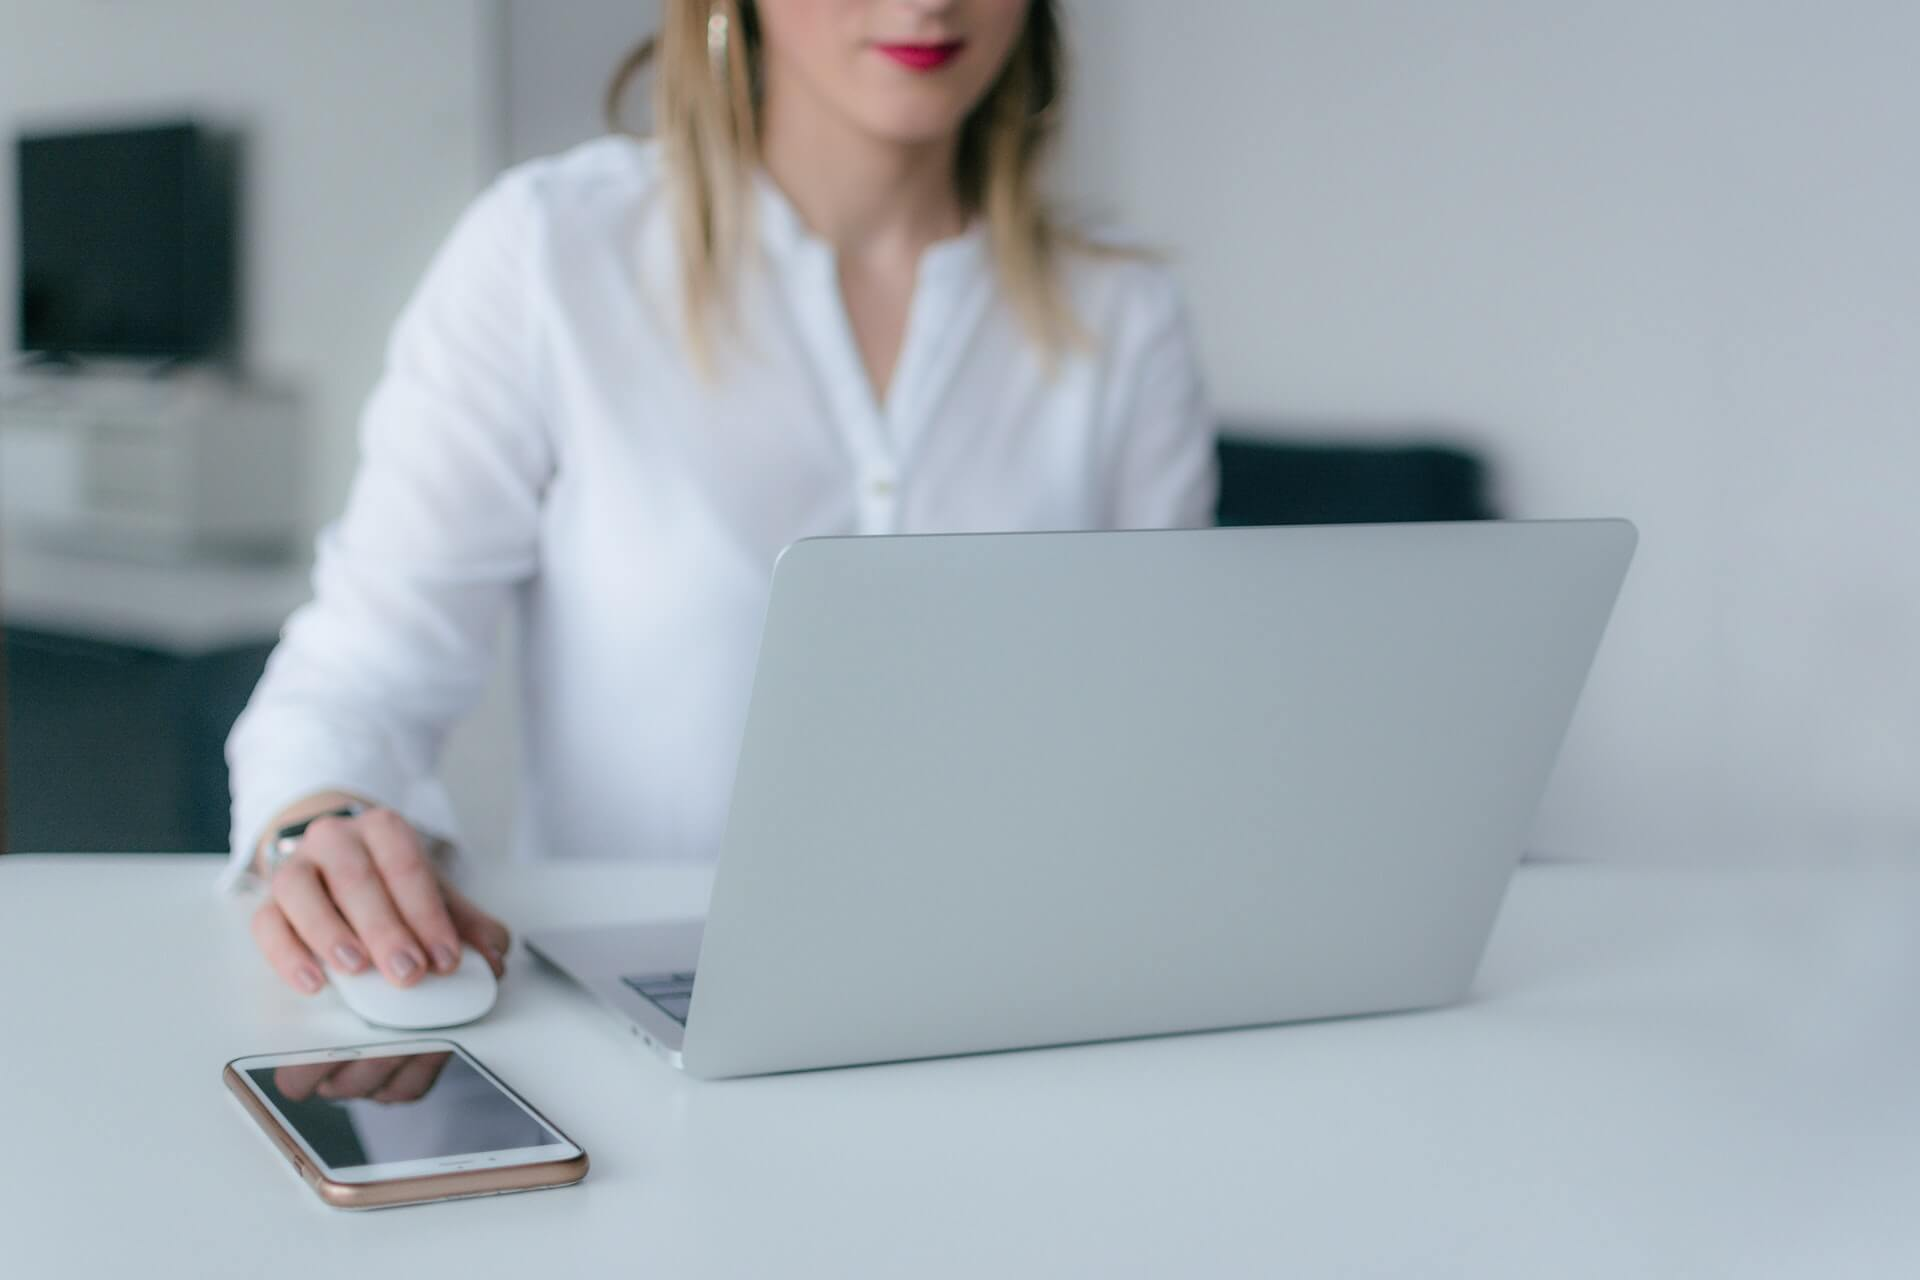 Sedavá práca – čo vám hrozí